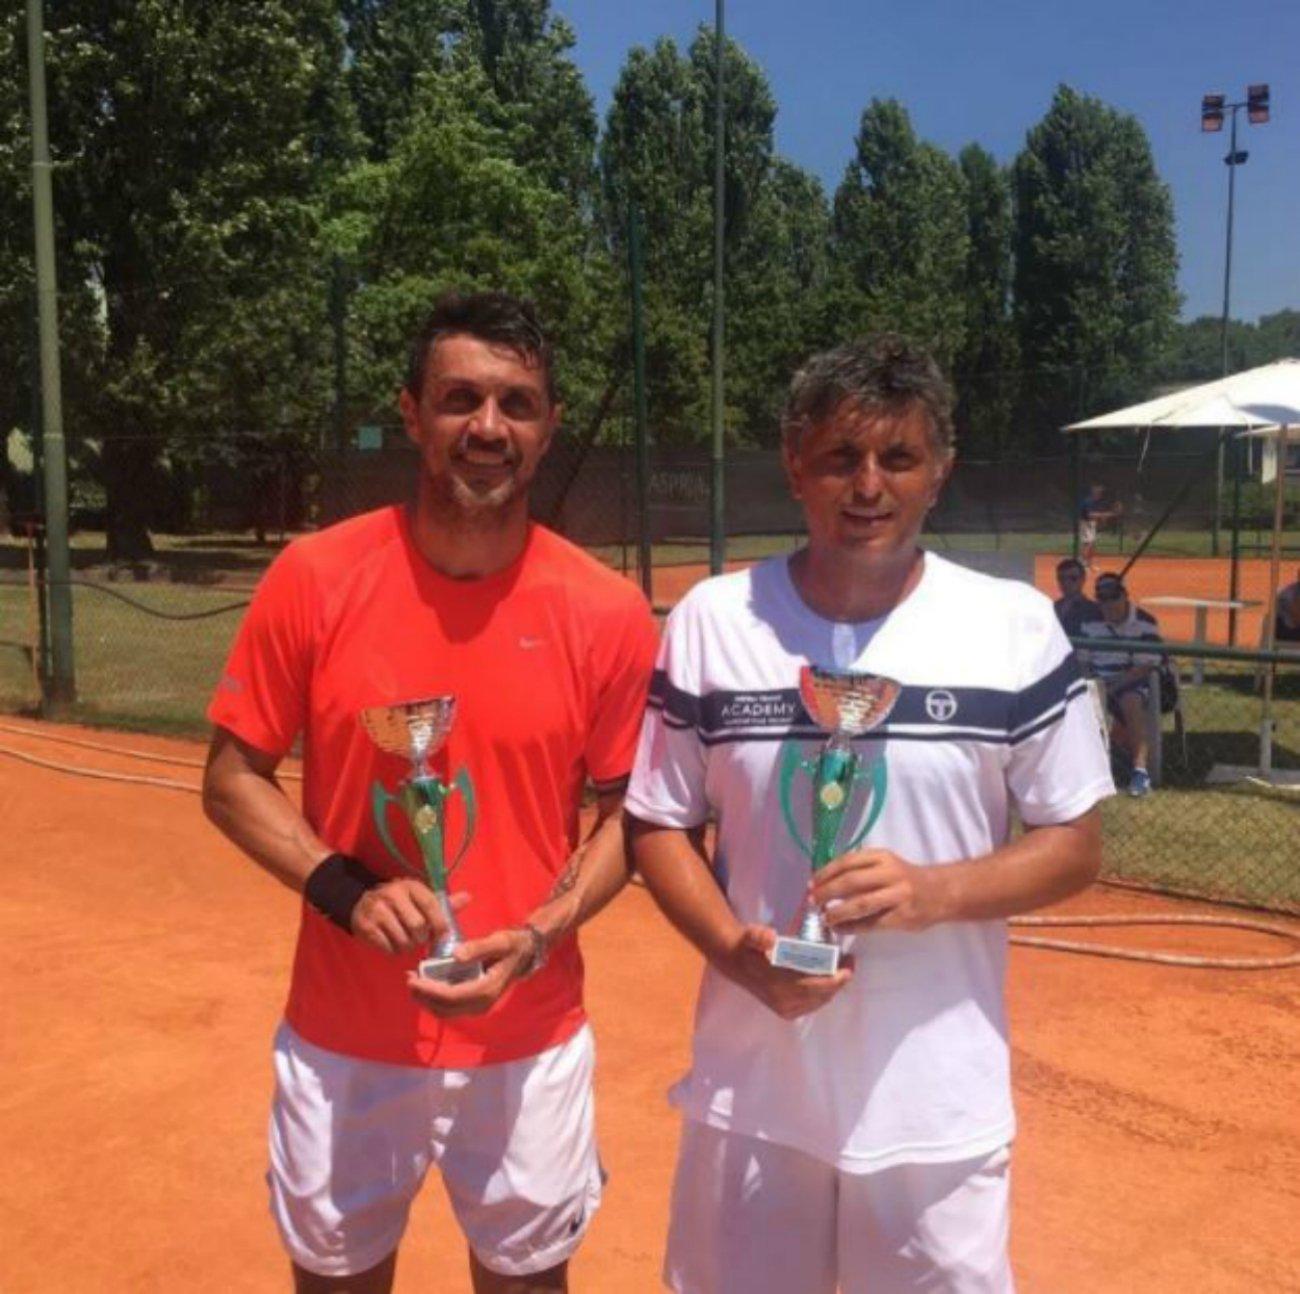 Paolo Maldini tennis   Paolomaldini